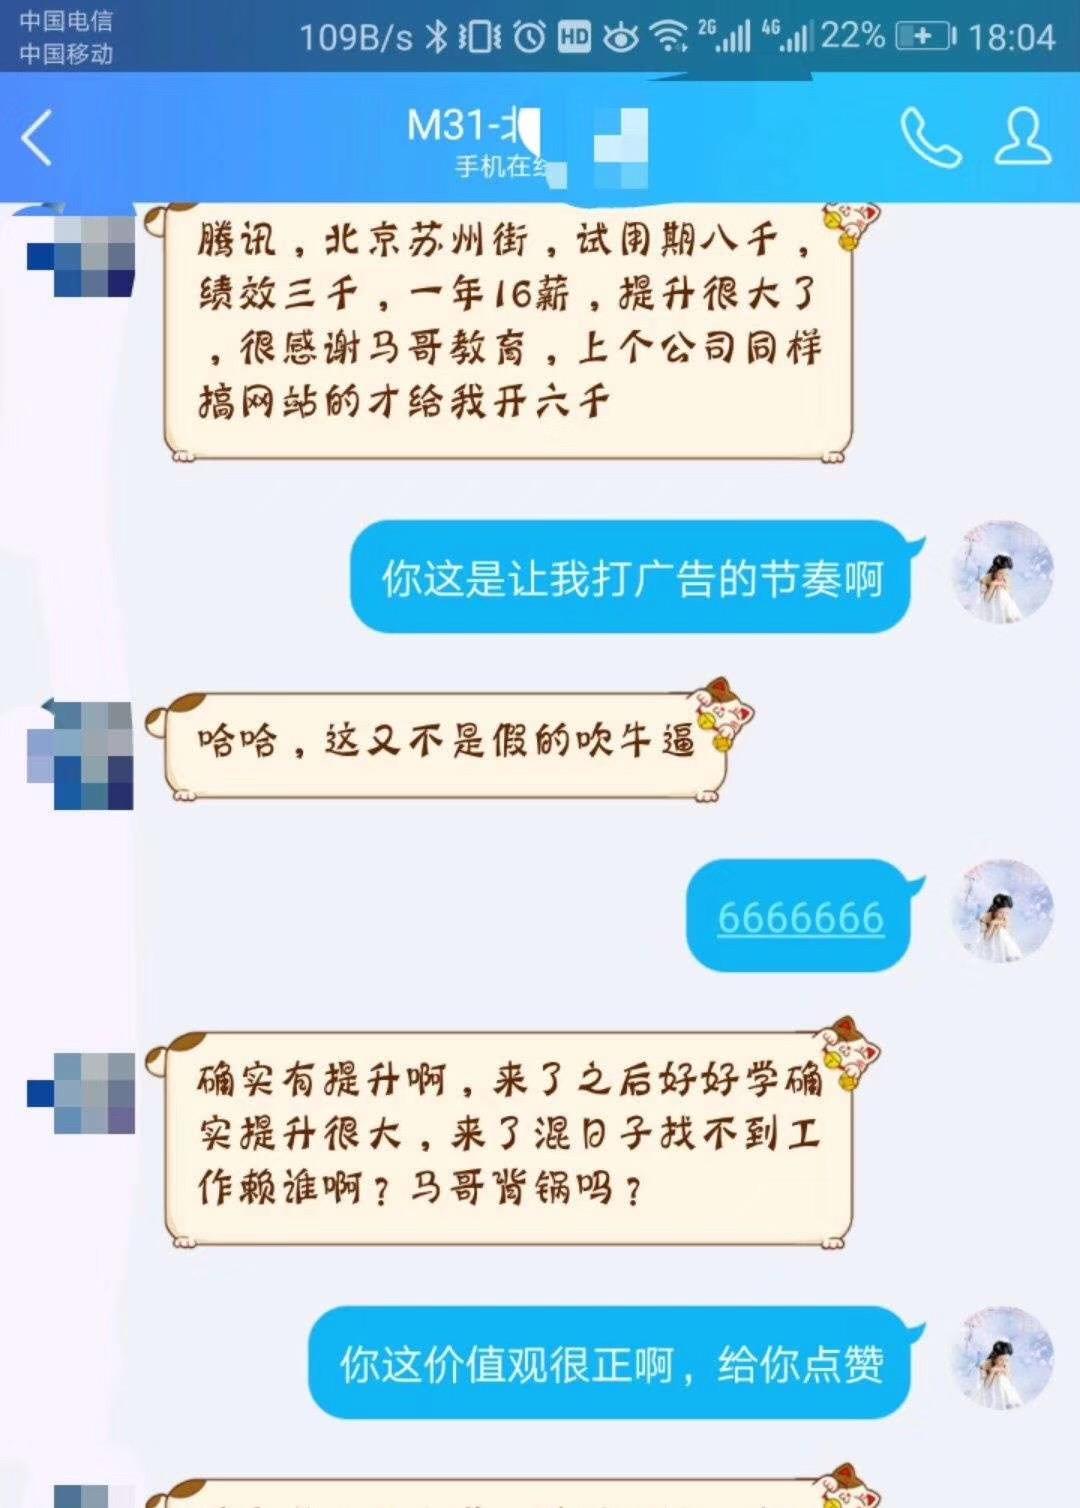 【学员喜讯-717期】小伙儿年薪17.6W!在北京苏州街腾讯!